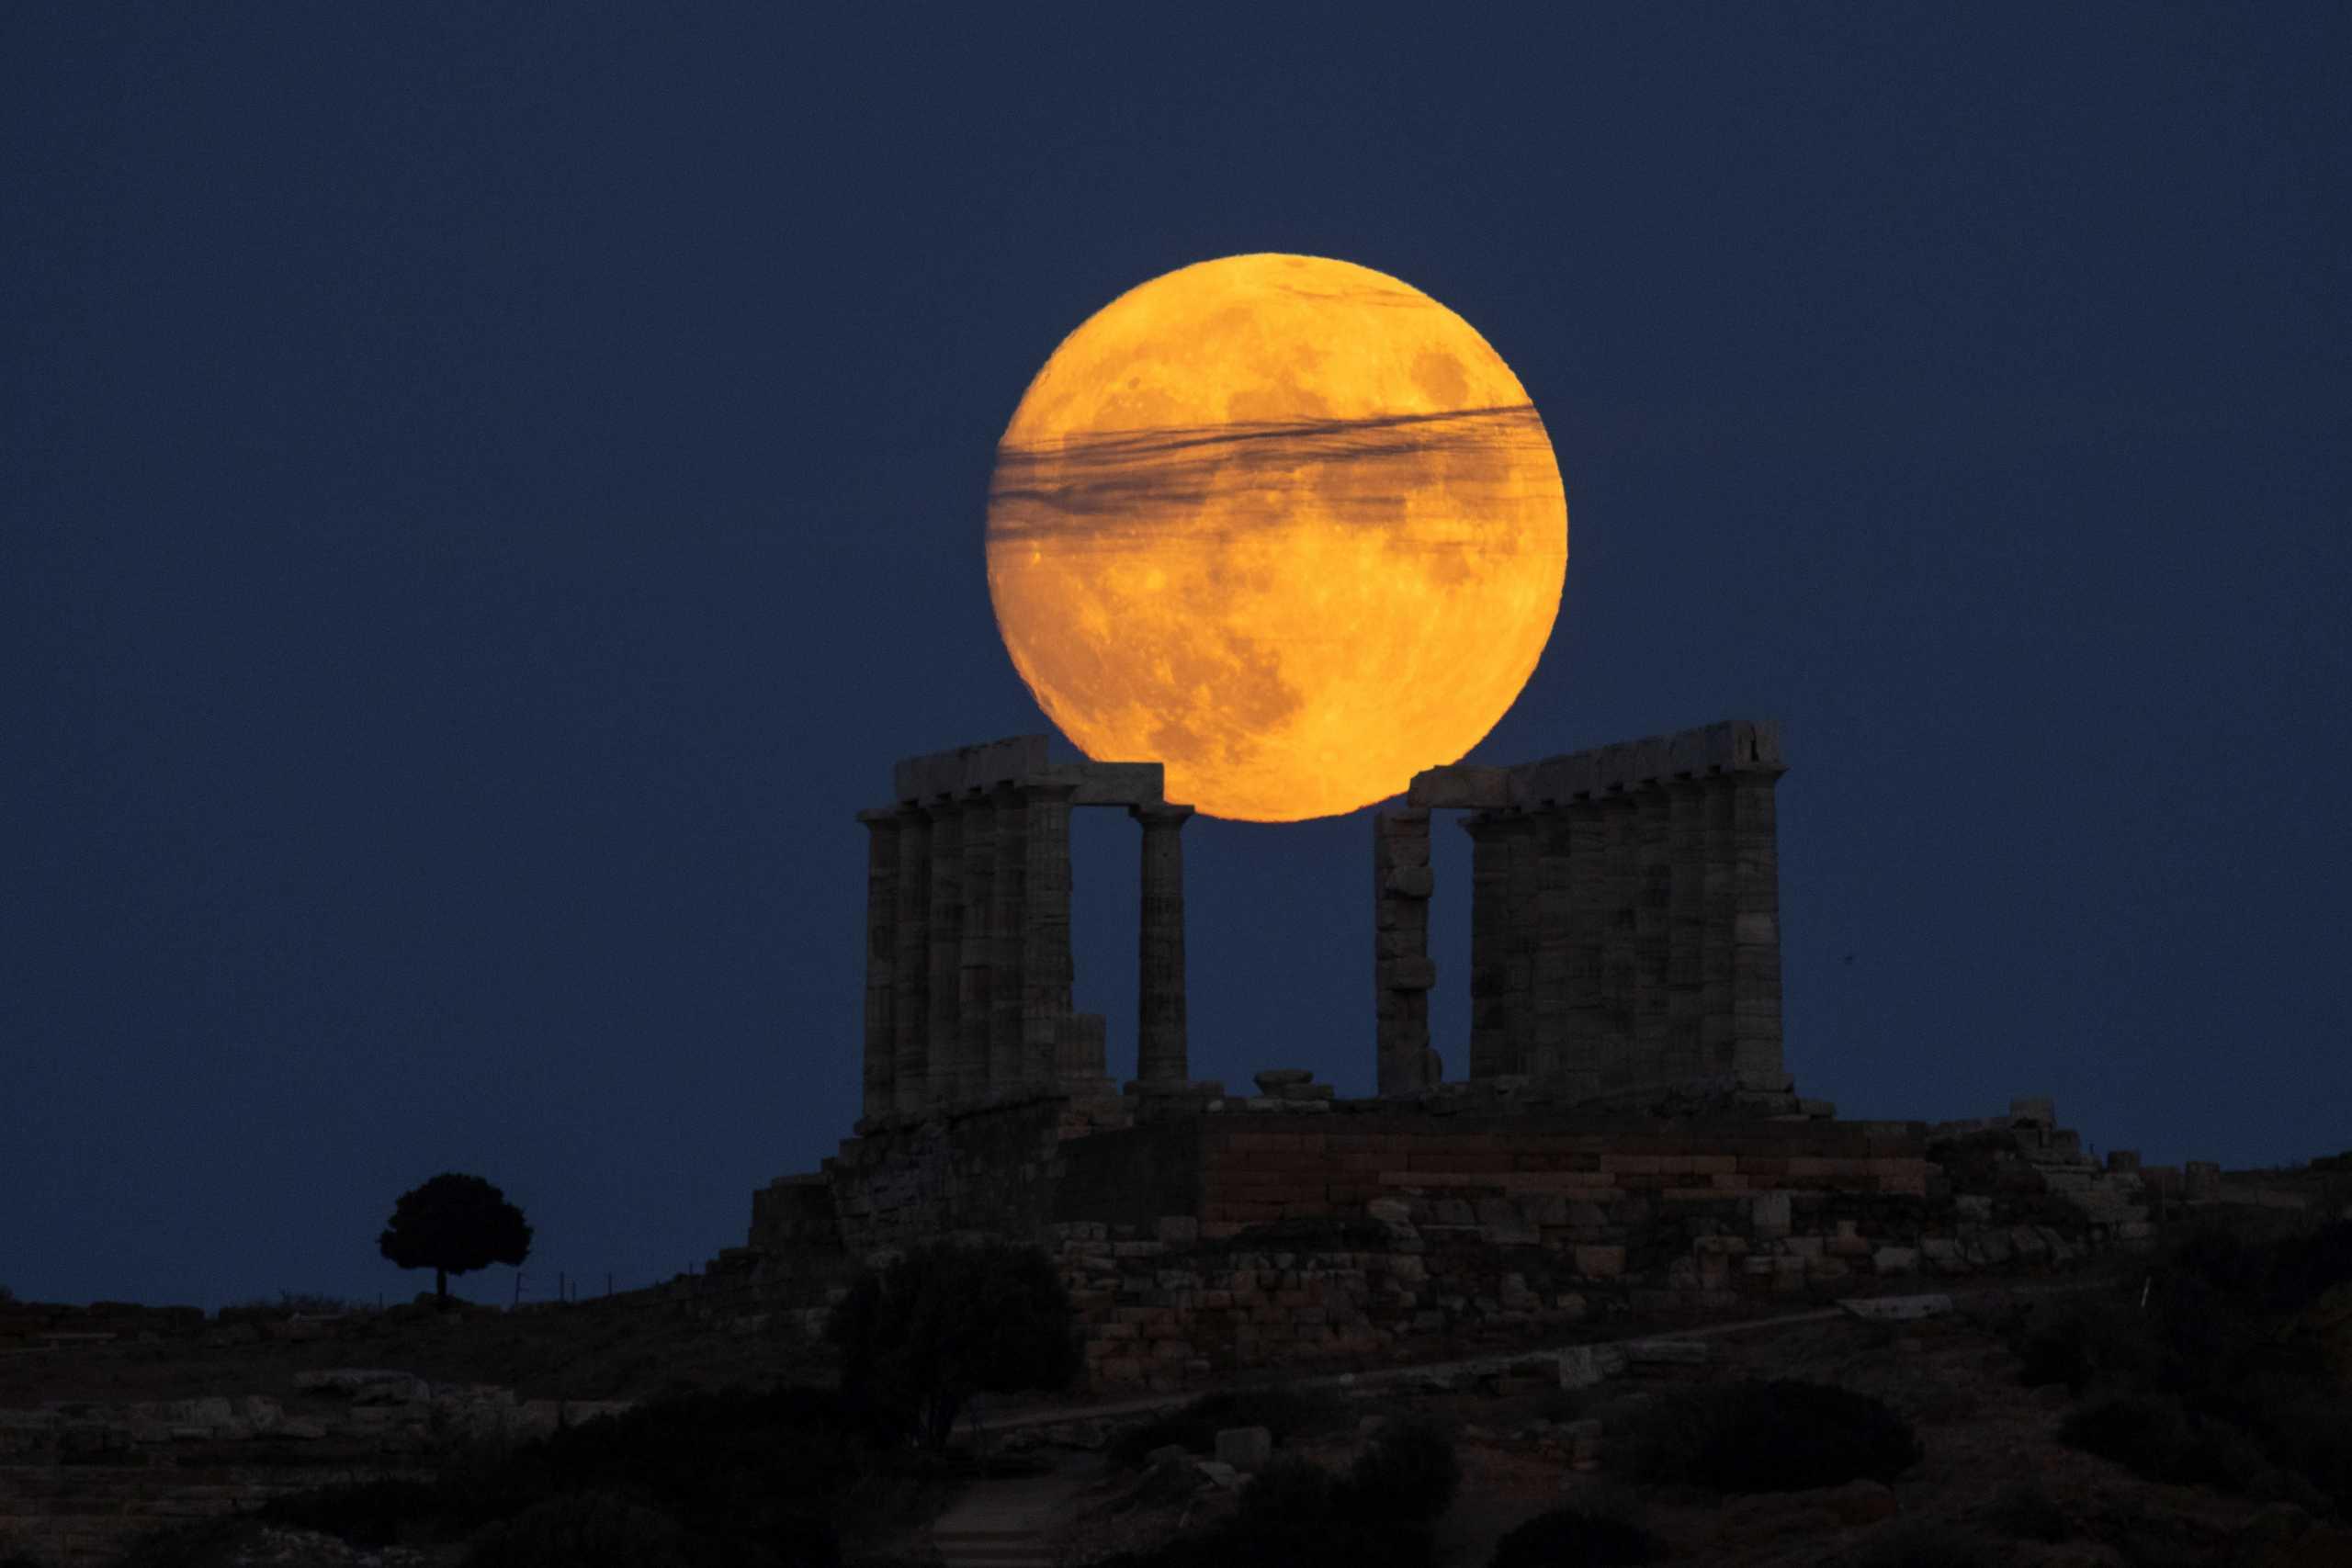 Πανσέληνος Αυγούστου: «Μάγεψε» το ολόγιομο φεγγάρι – Εντυπωσιακές εικόνες